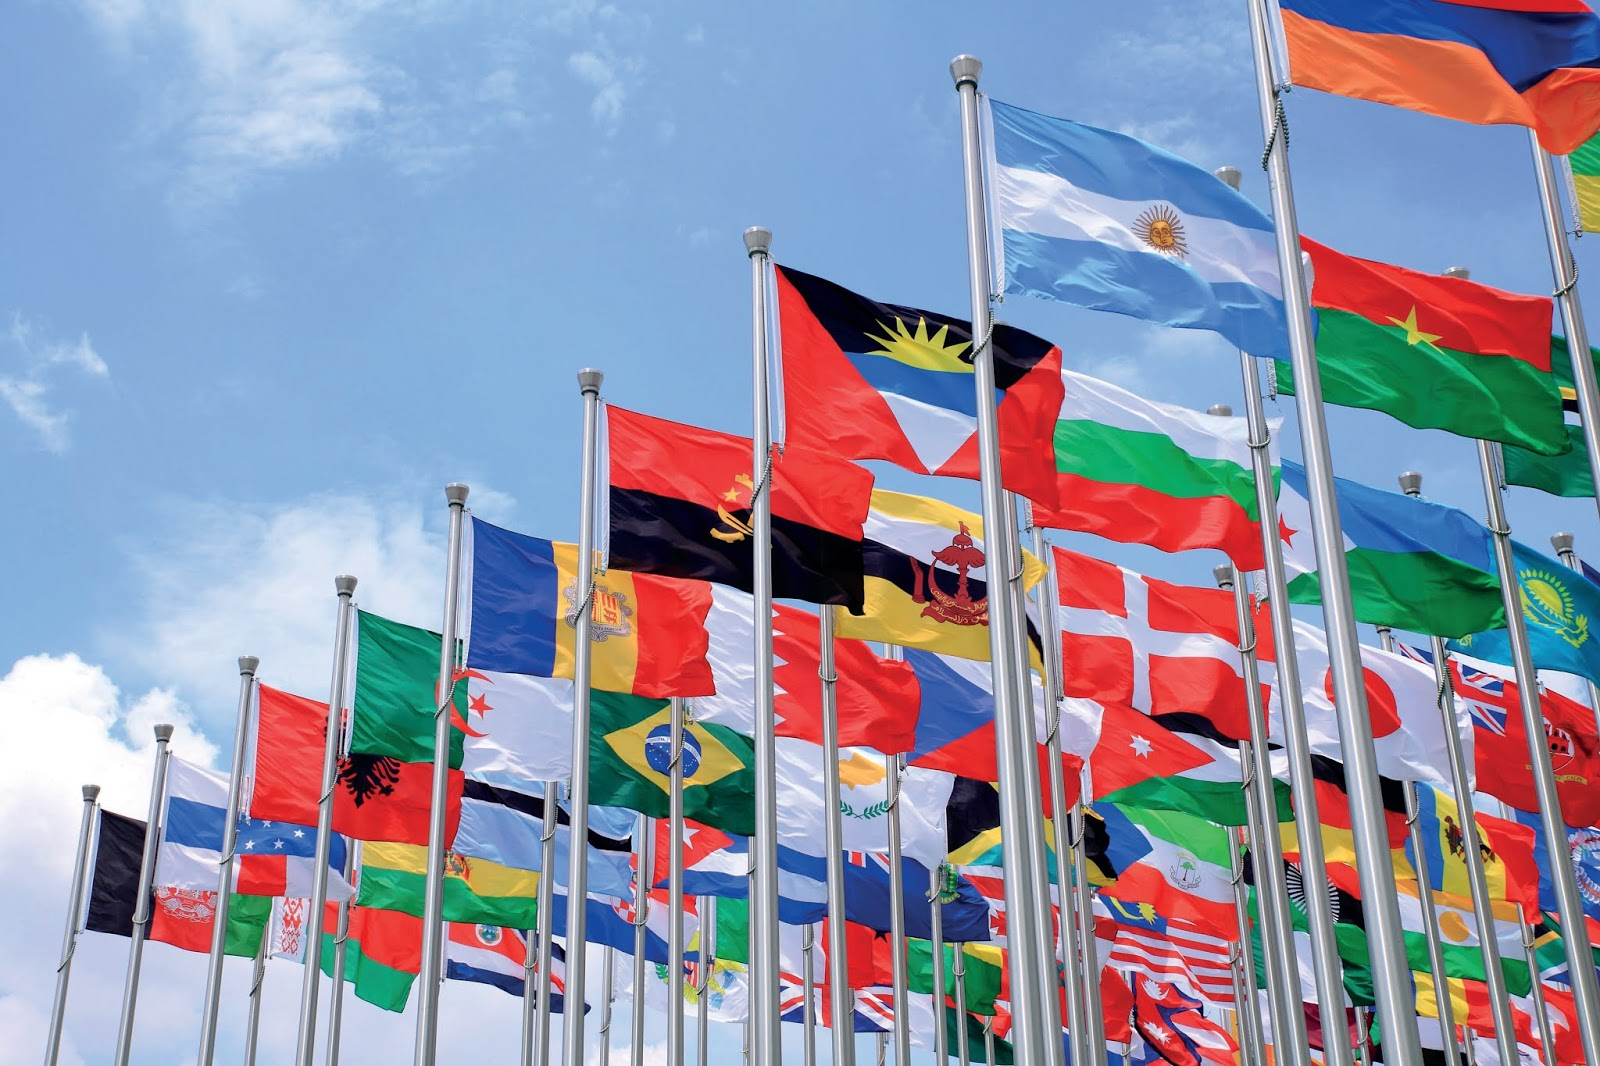 Викторина флаги – флаги стран мира